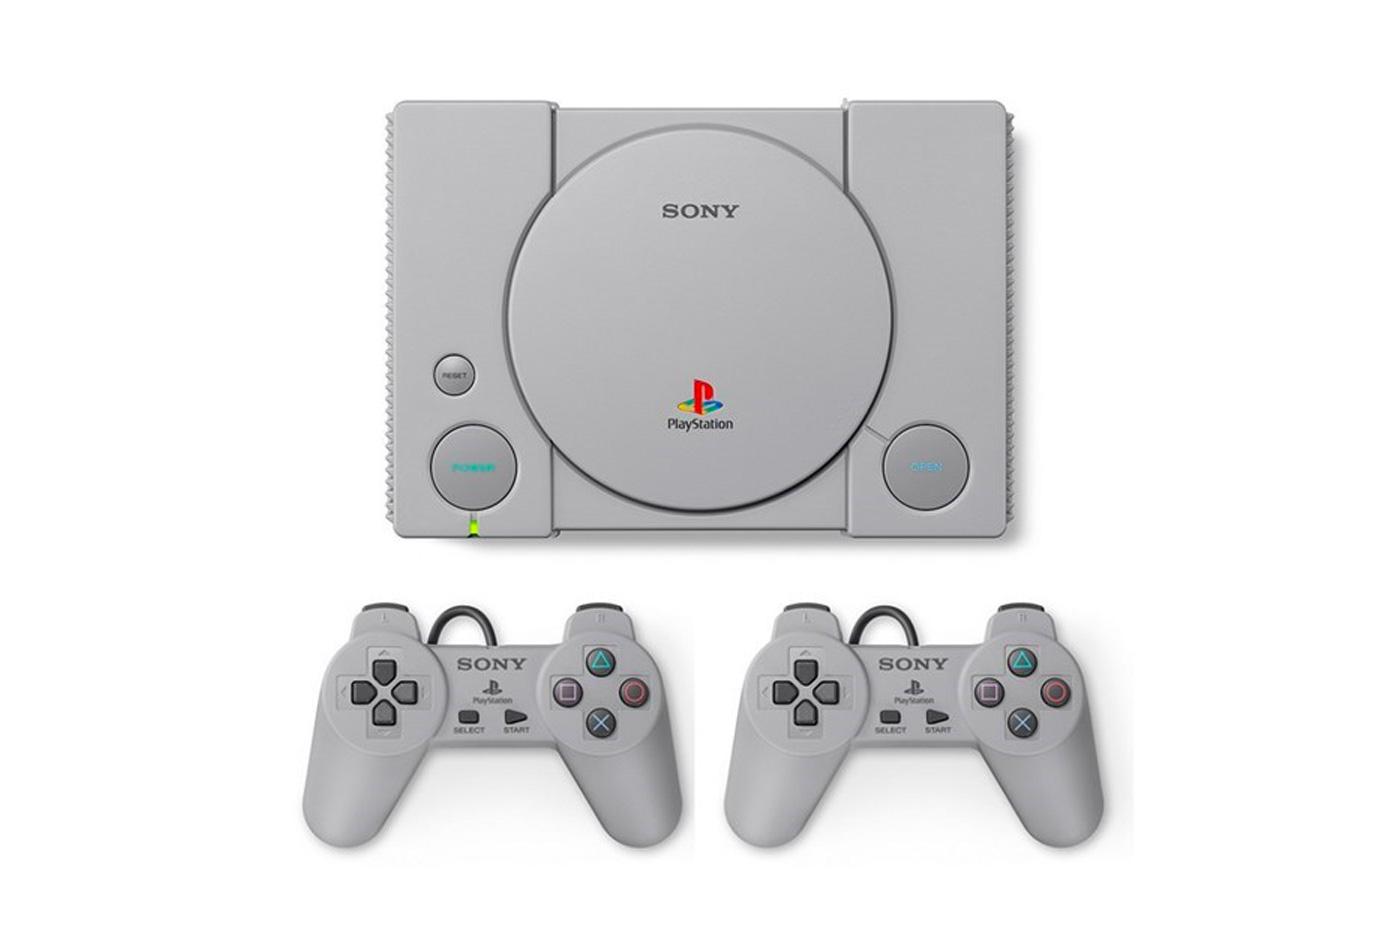 La PlayStation Classic disponible en pré-commande, c'est officiel 🔥